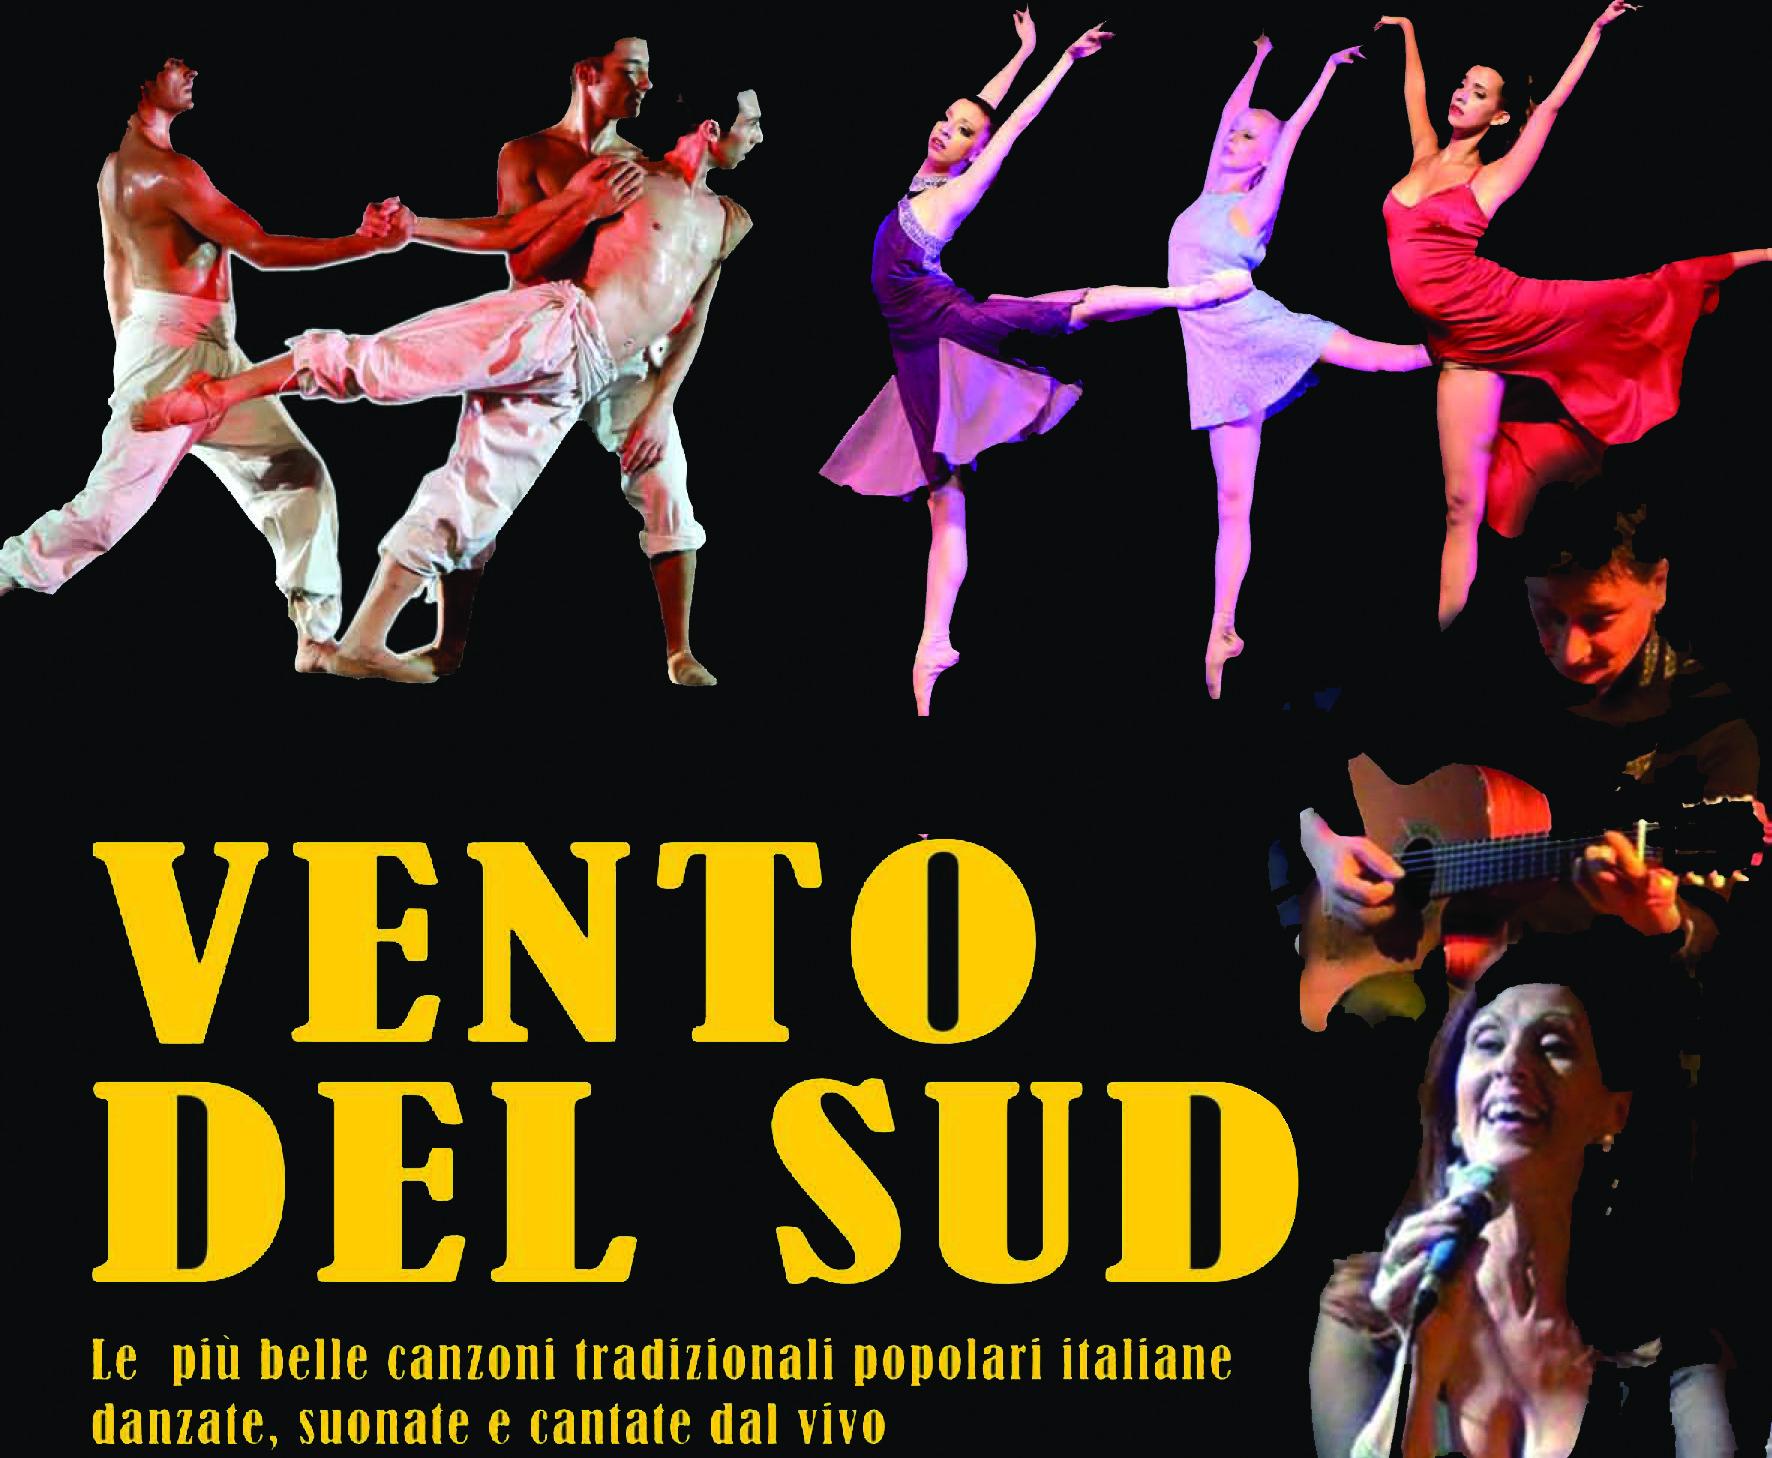 3.1.17 • Vento del Sud • Auditorium Parco della Musica • Sala Sinopoli